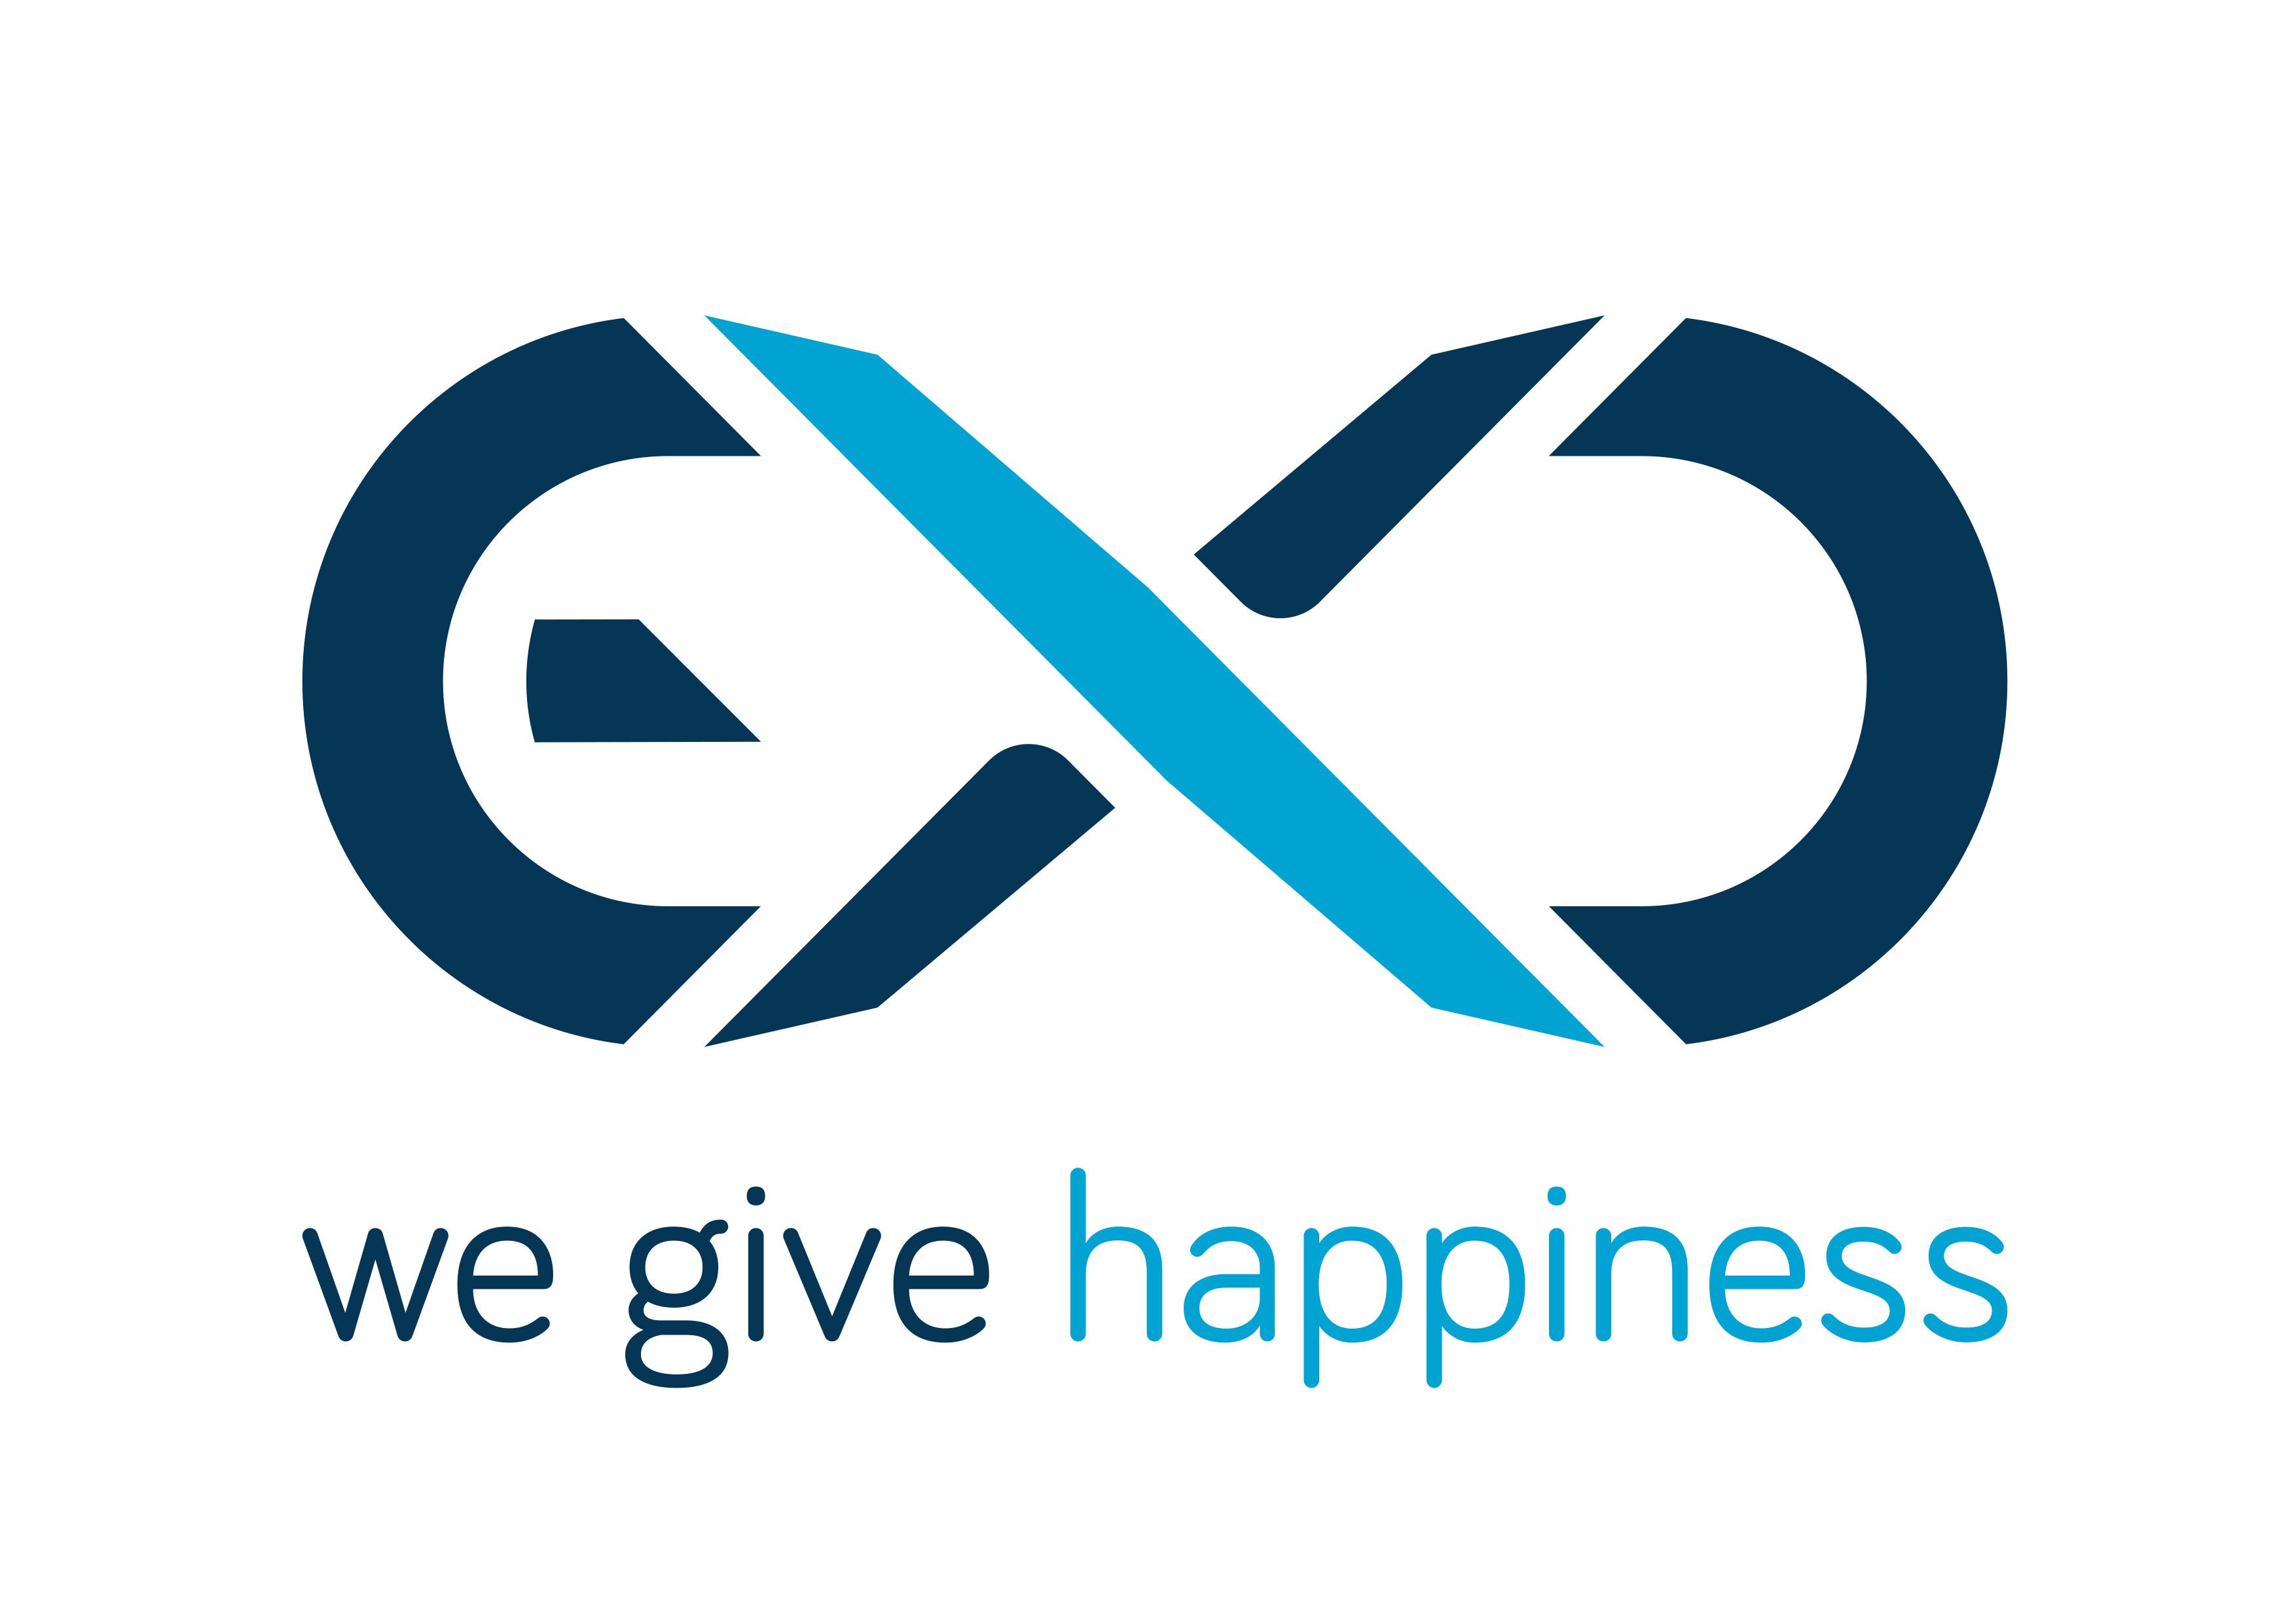 eXc_en